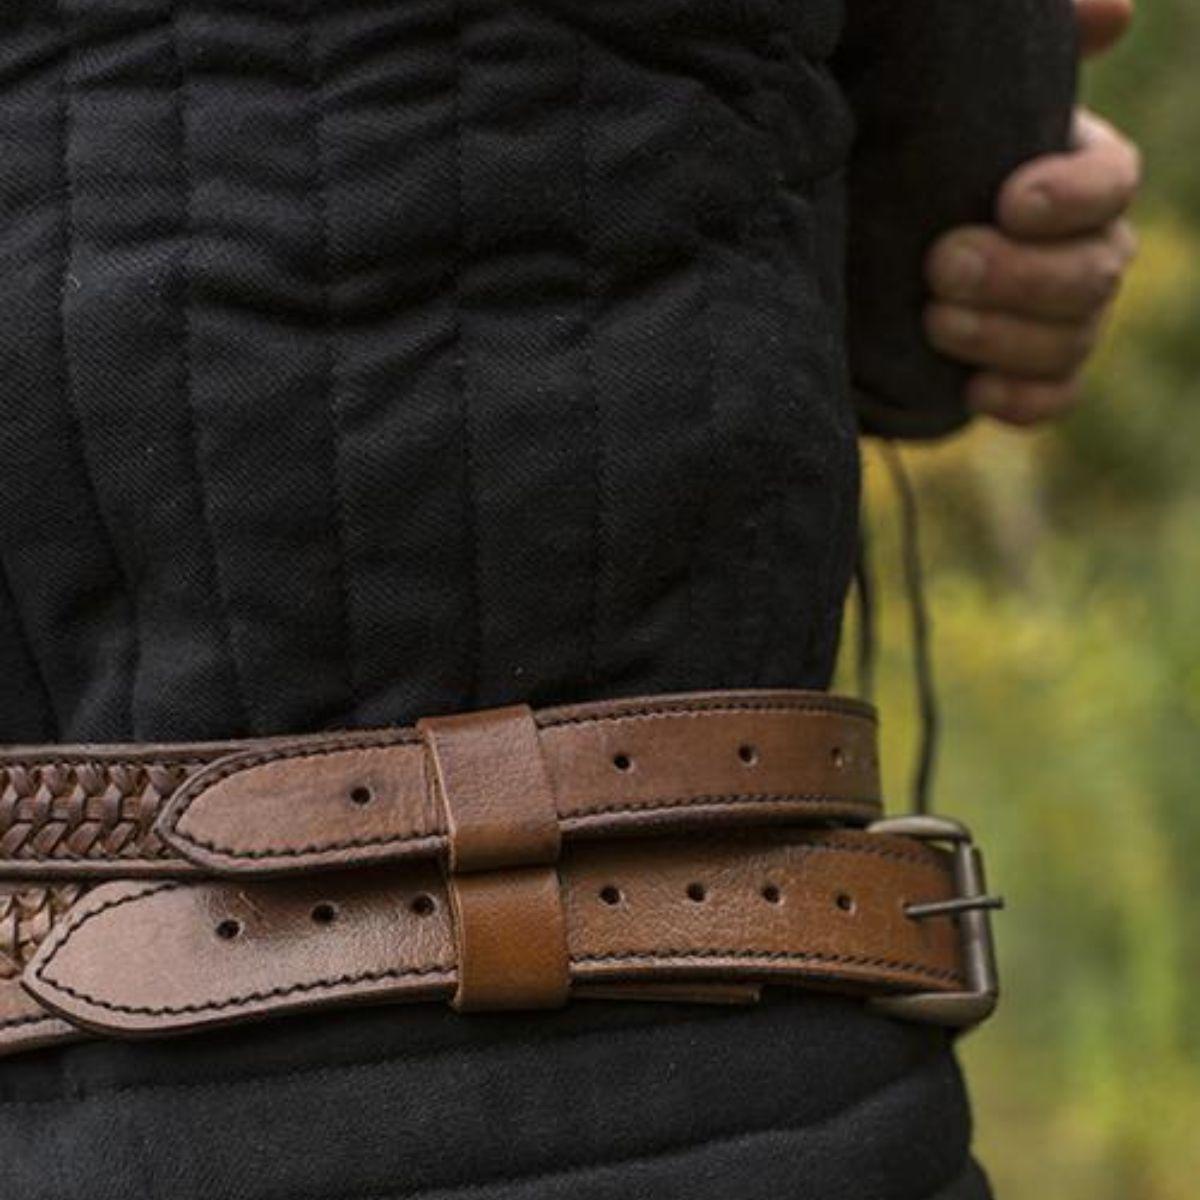 Braided sword belt, brown